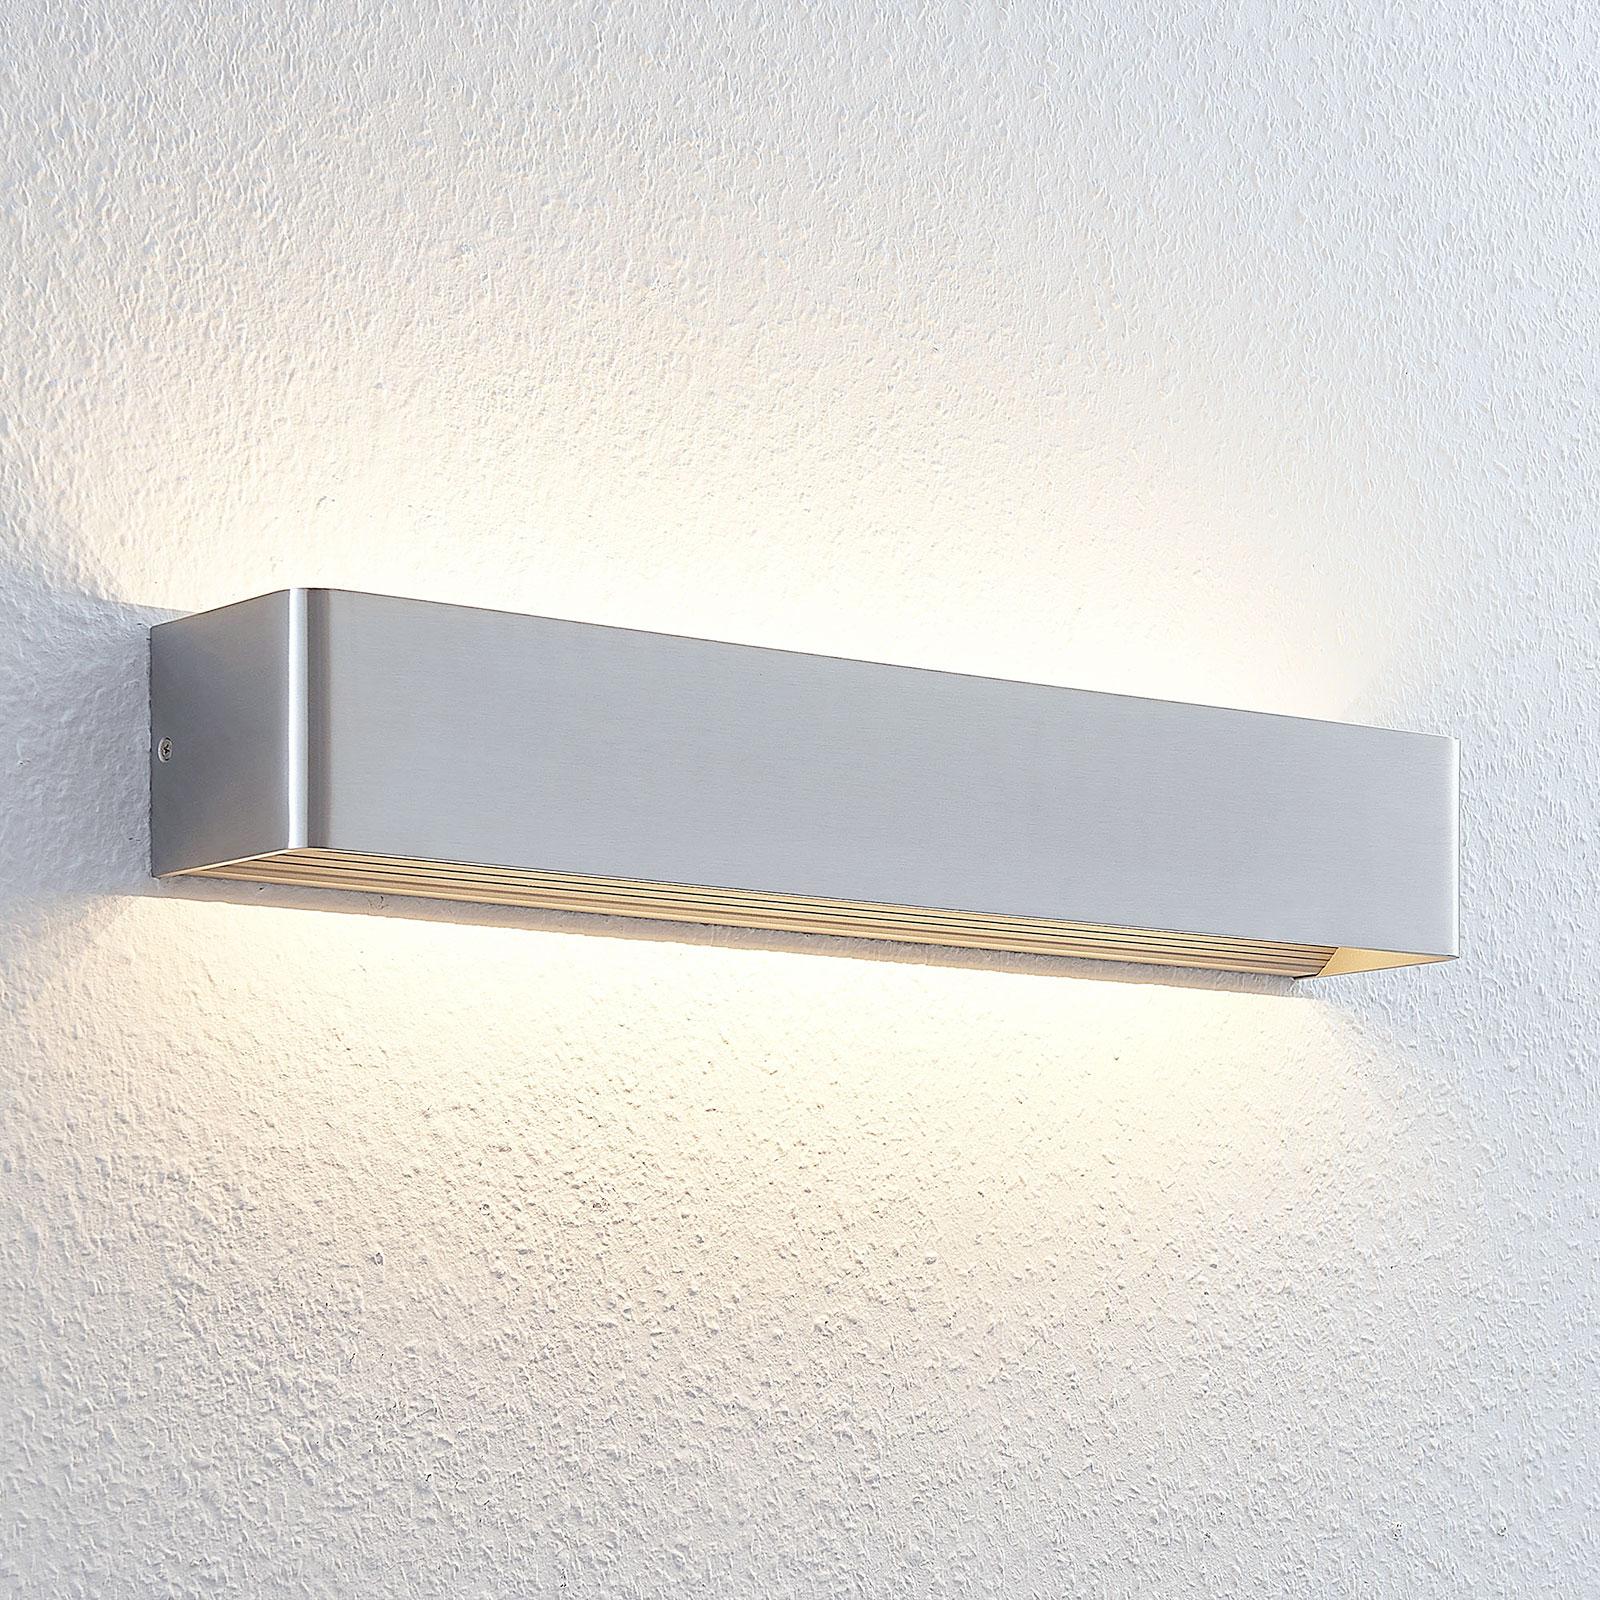 Acquista Lampada LED da parete Lonisa color nichel satinato